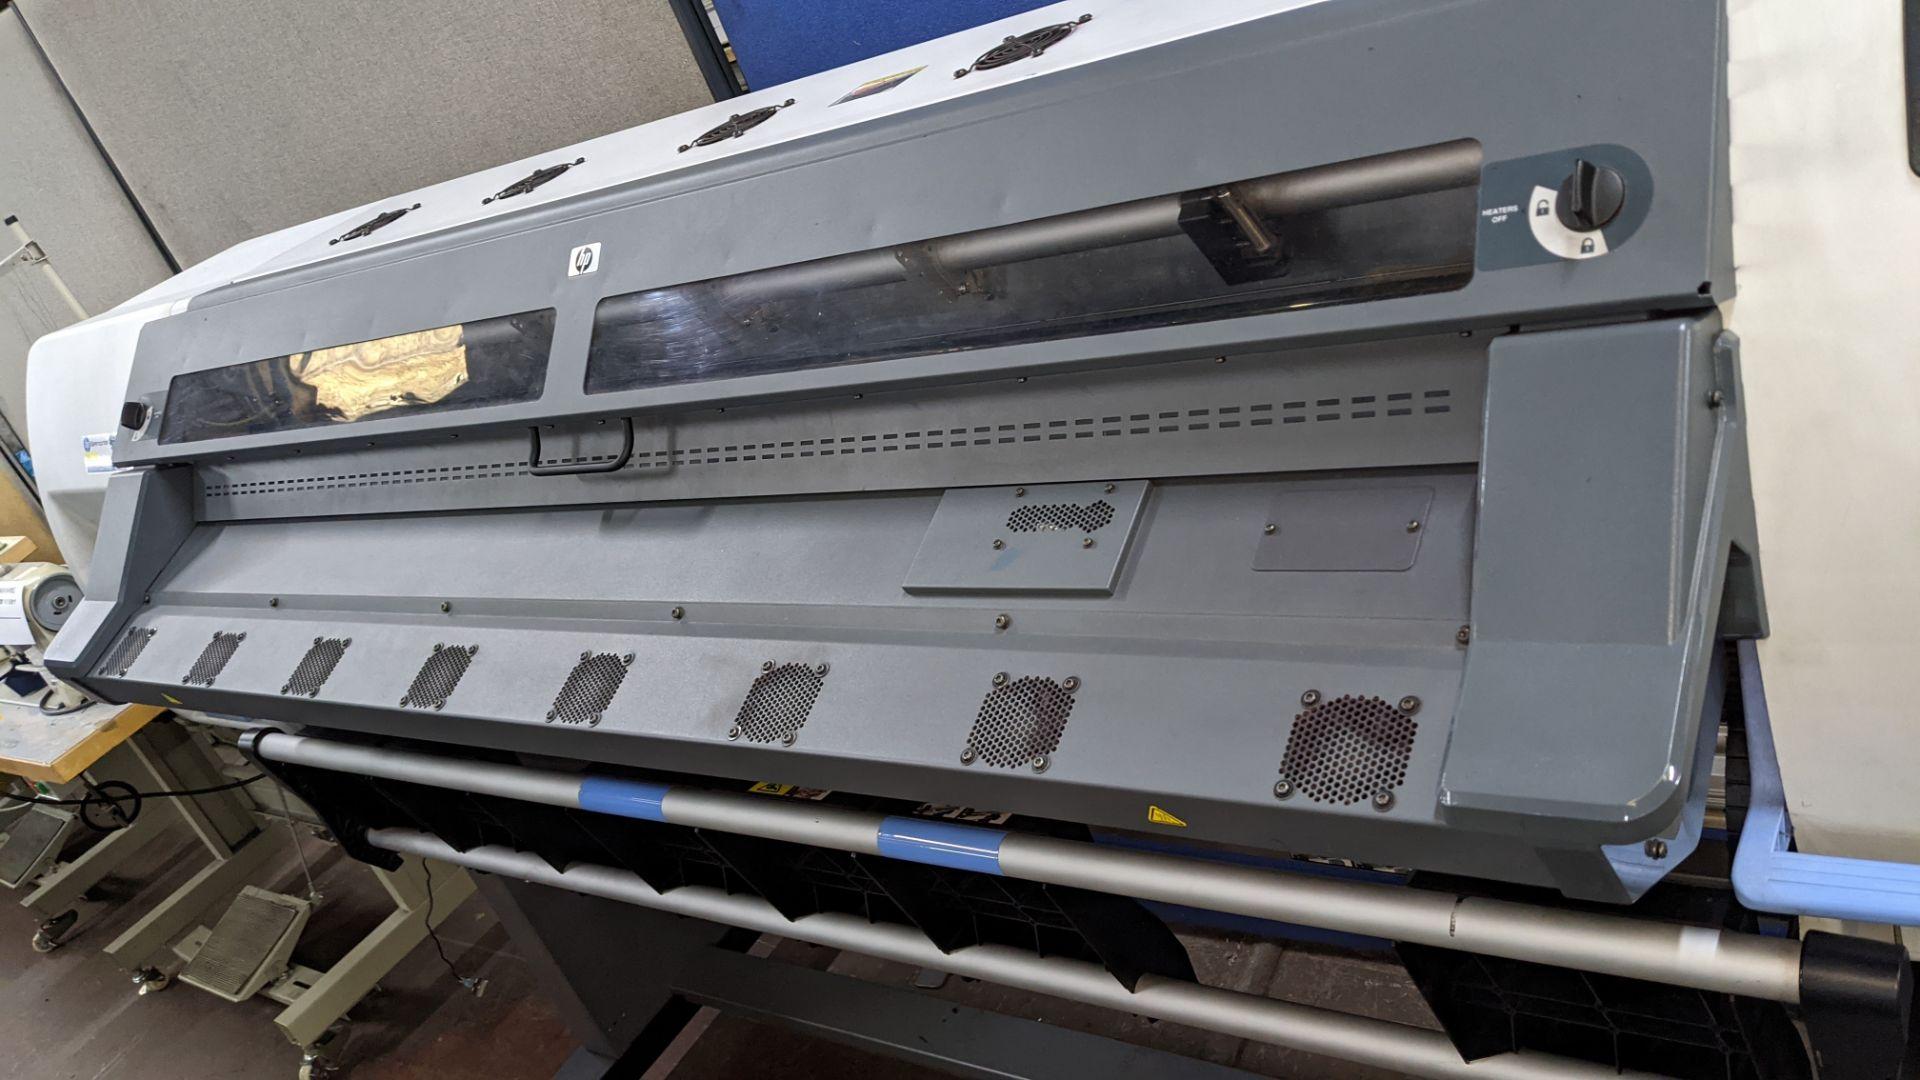 HP DesignJet L25500 wide format printer - Image 7 of 9